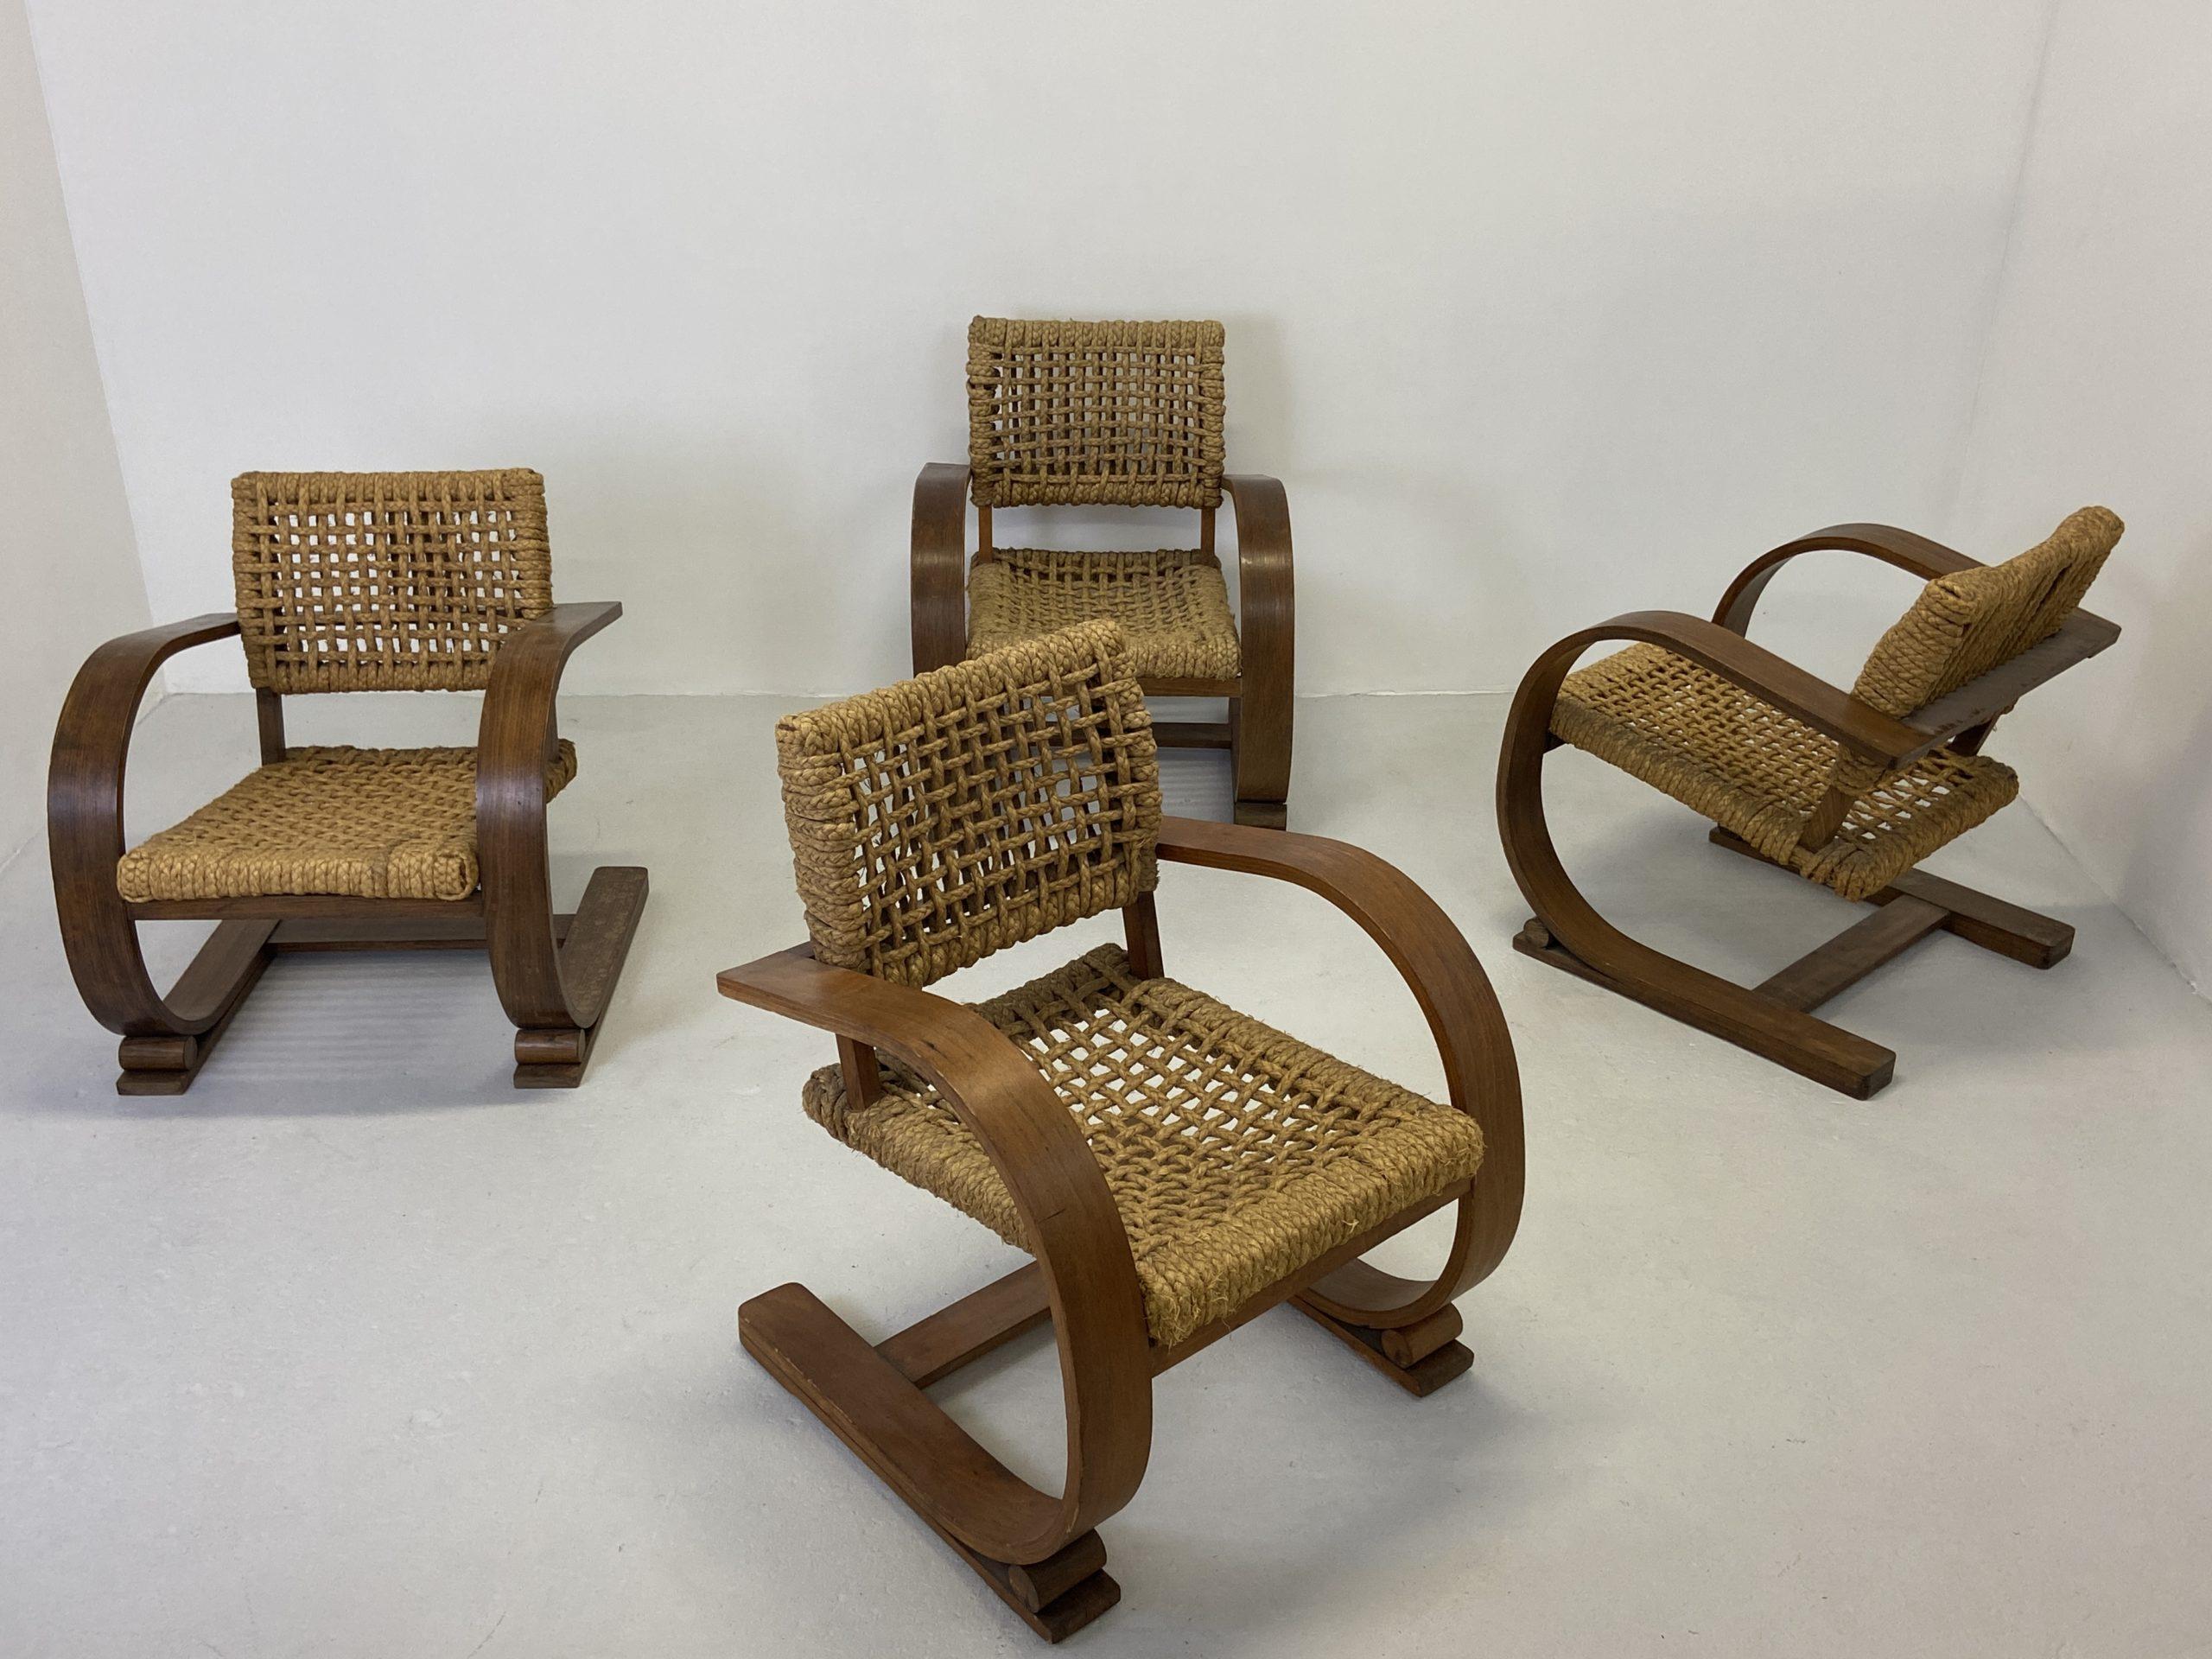 VIBO fauteuils